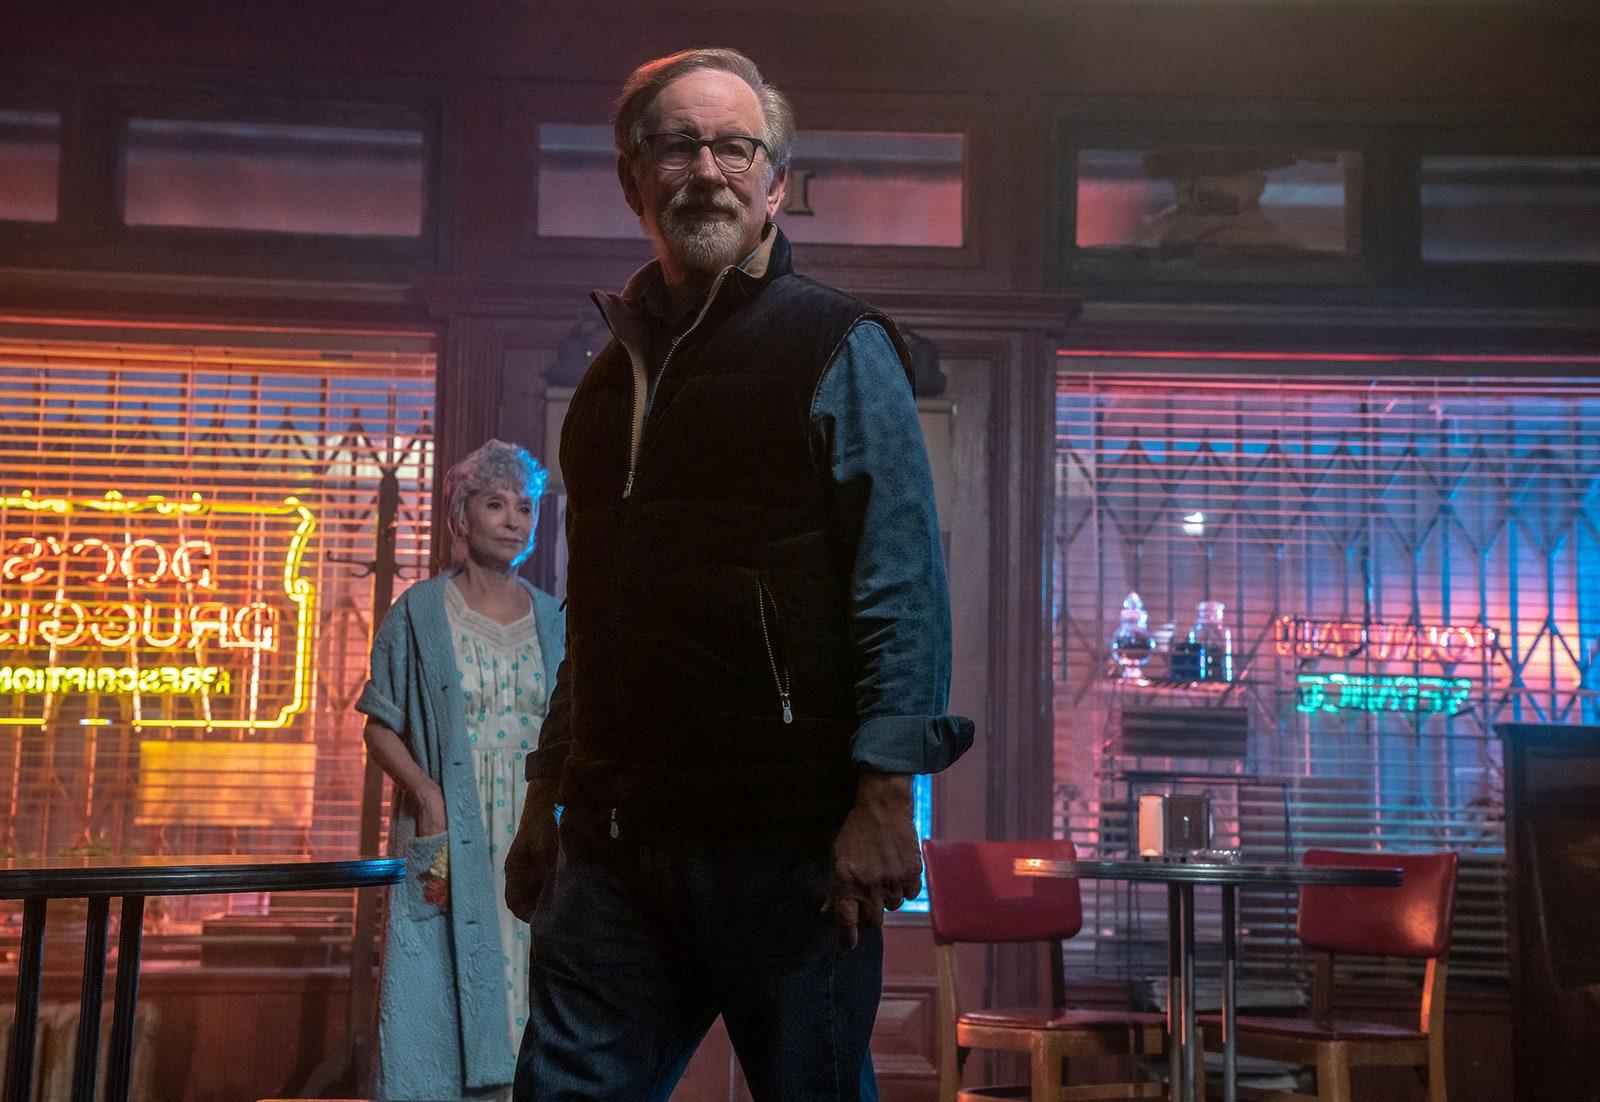 Checa el teaser de 'West Side Story', la nueva cinta de Steven Spielberg